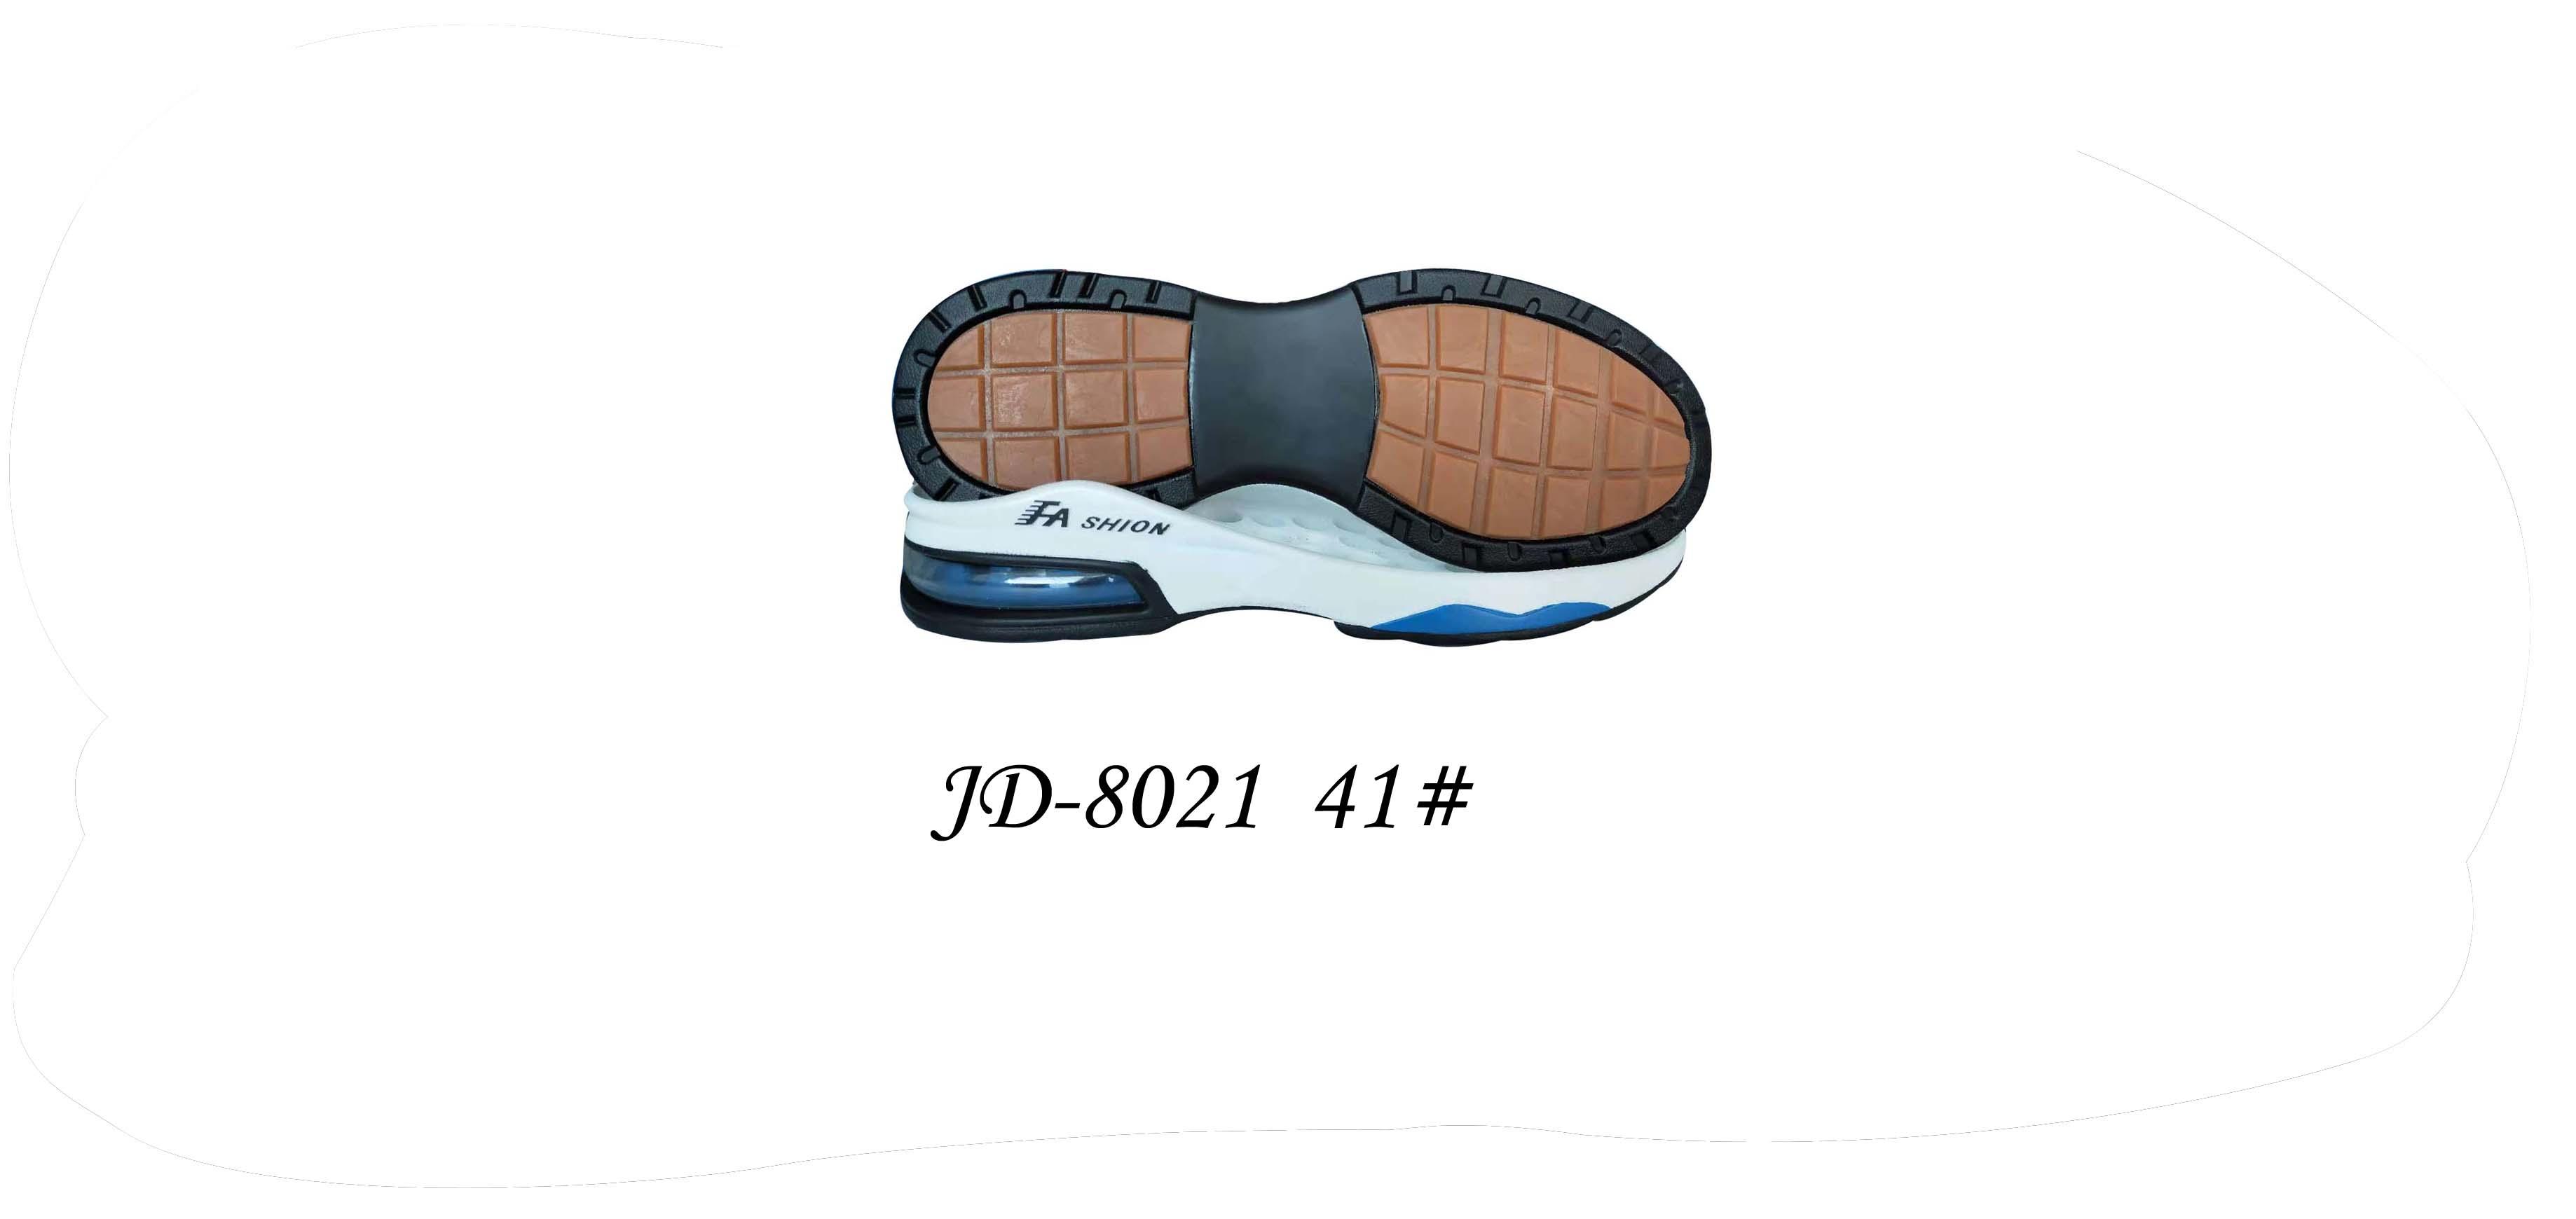 鞋底 PU 男段 休闲鞋 三色 41 一体 JD-8021